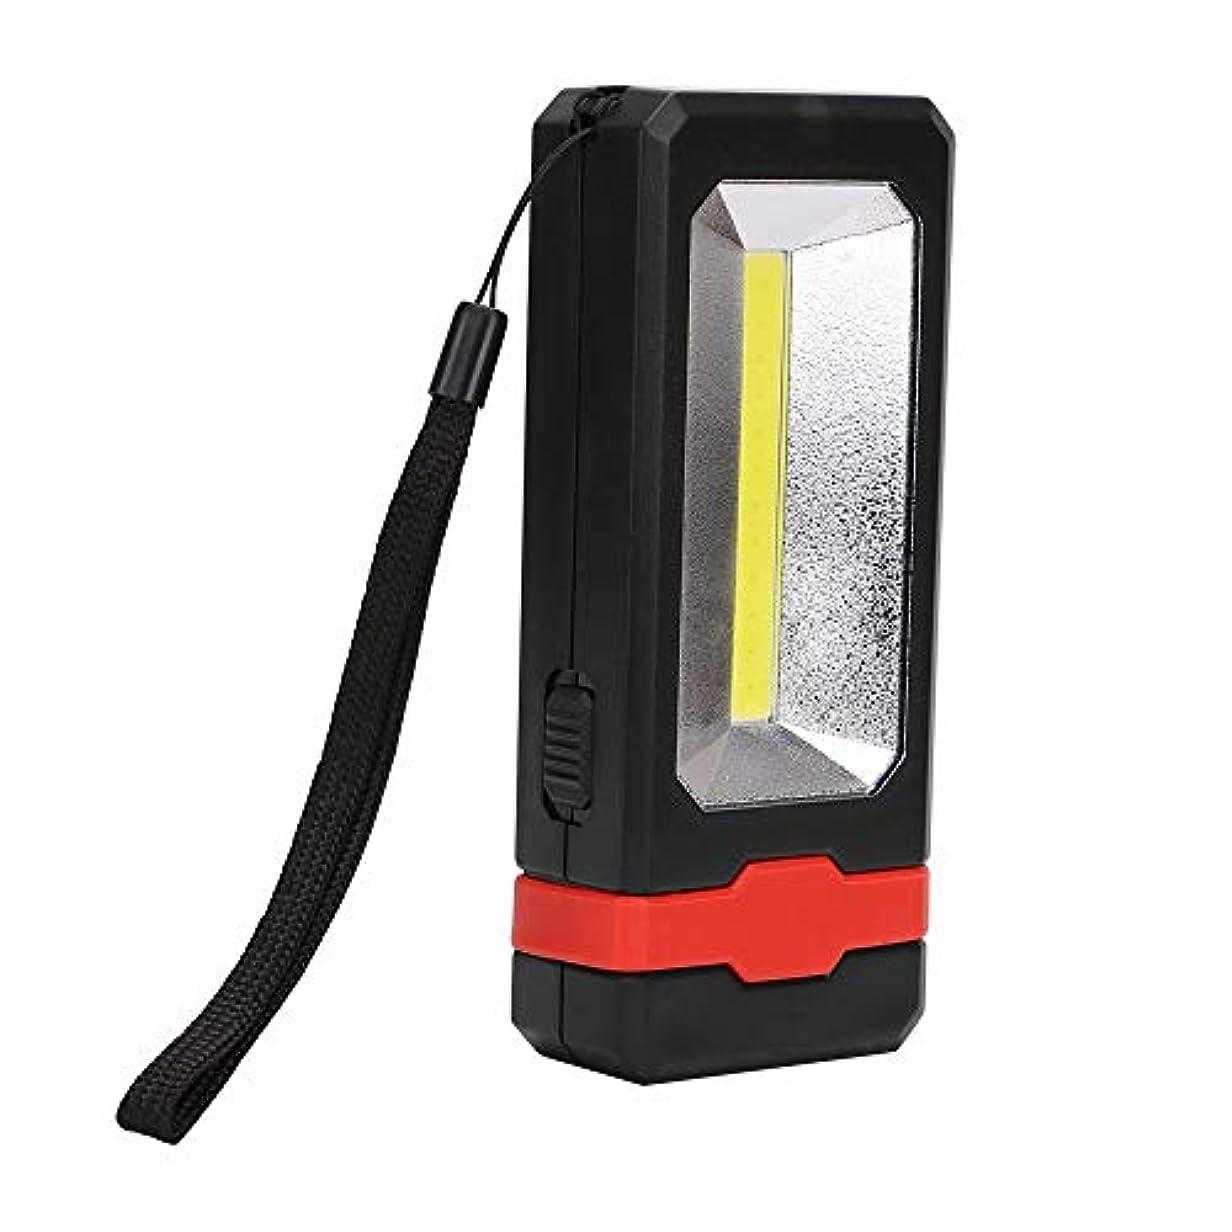 征服フレア徴収LED ランタン テントライト COB LEDライト アウトドア キャンプ用